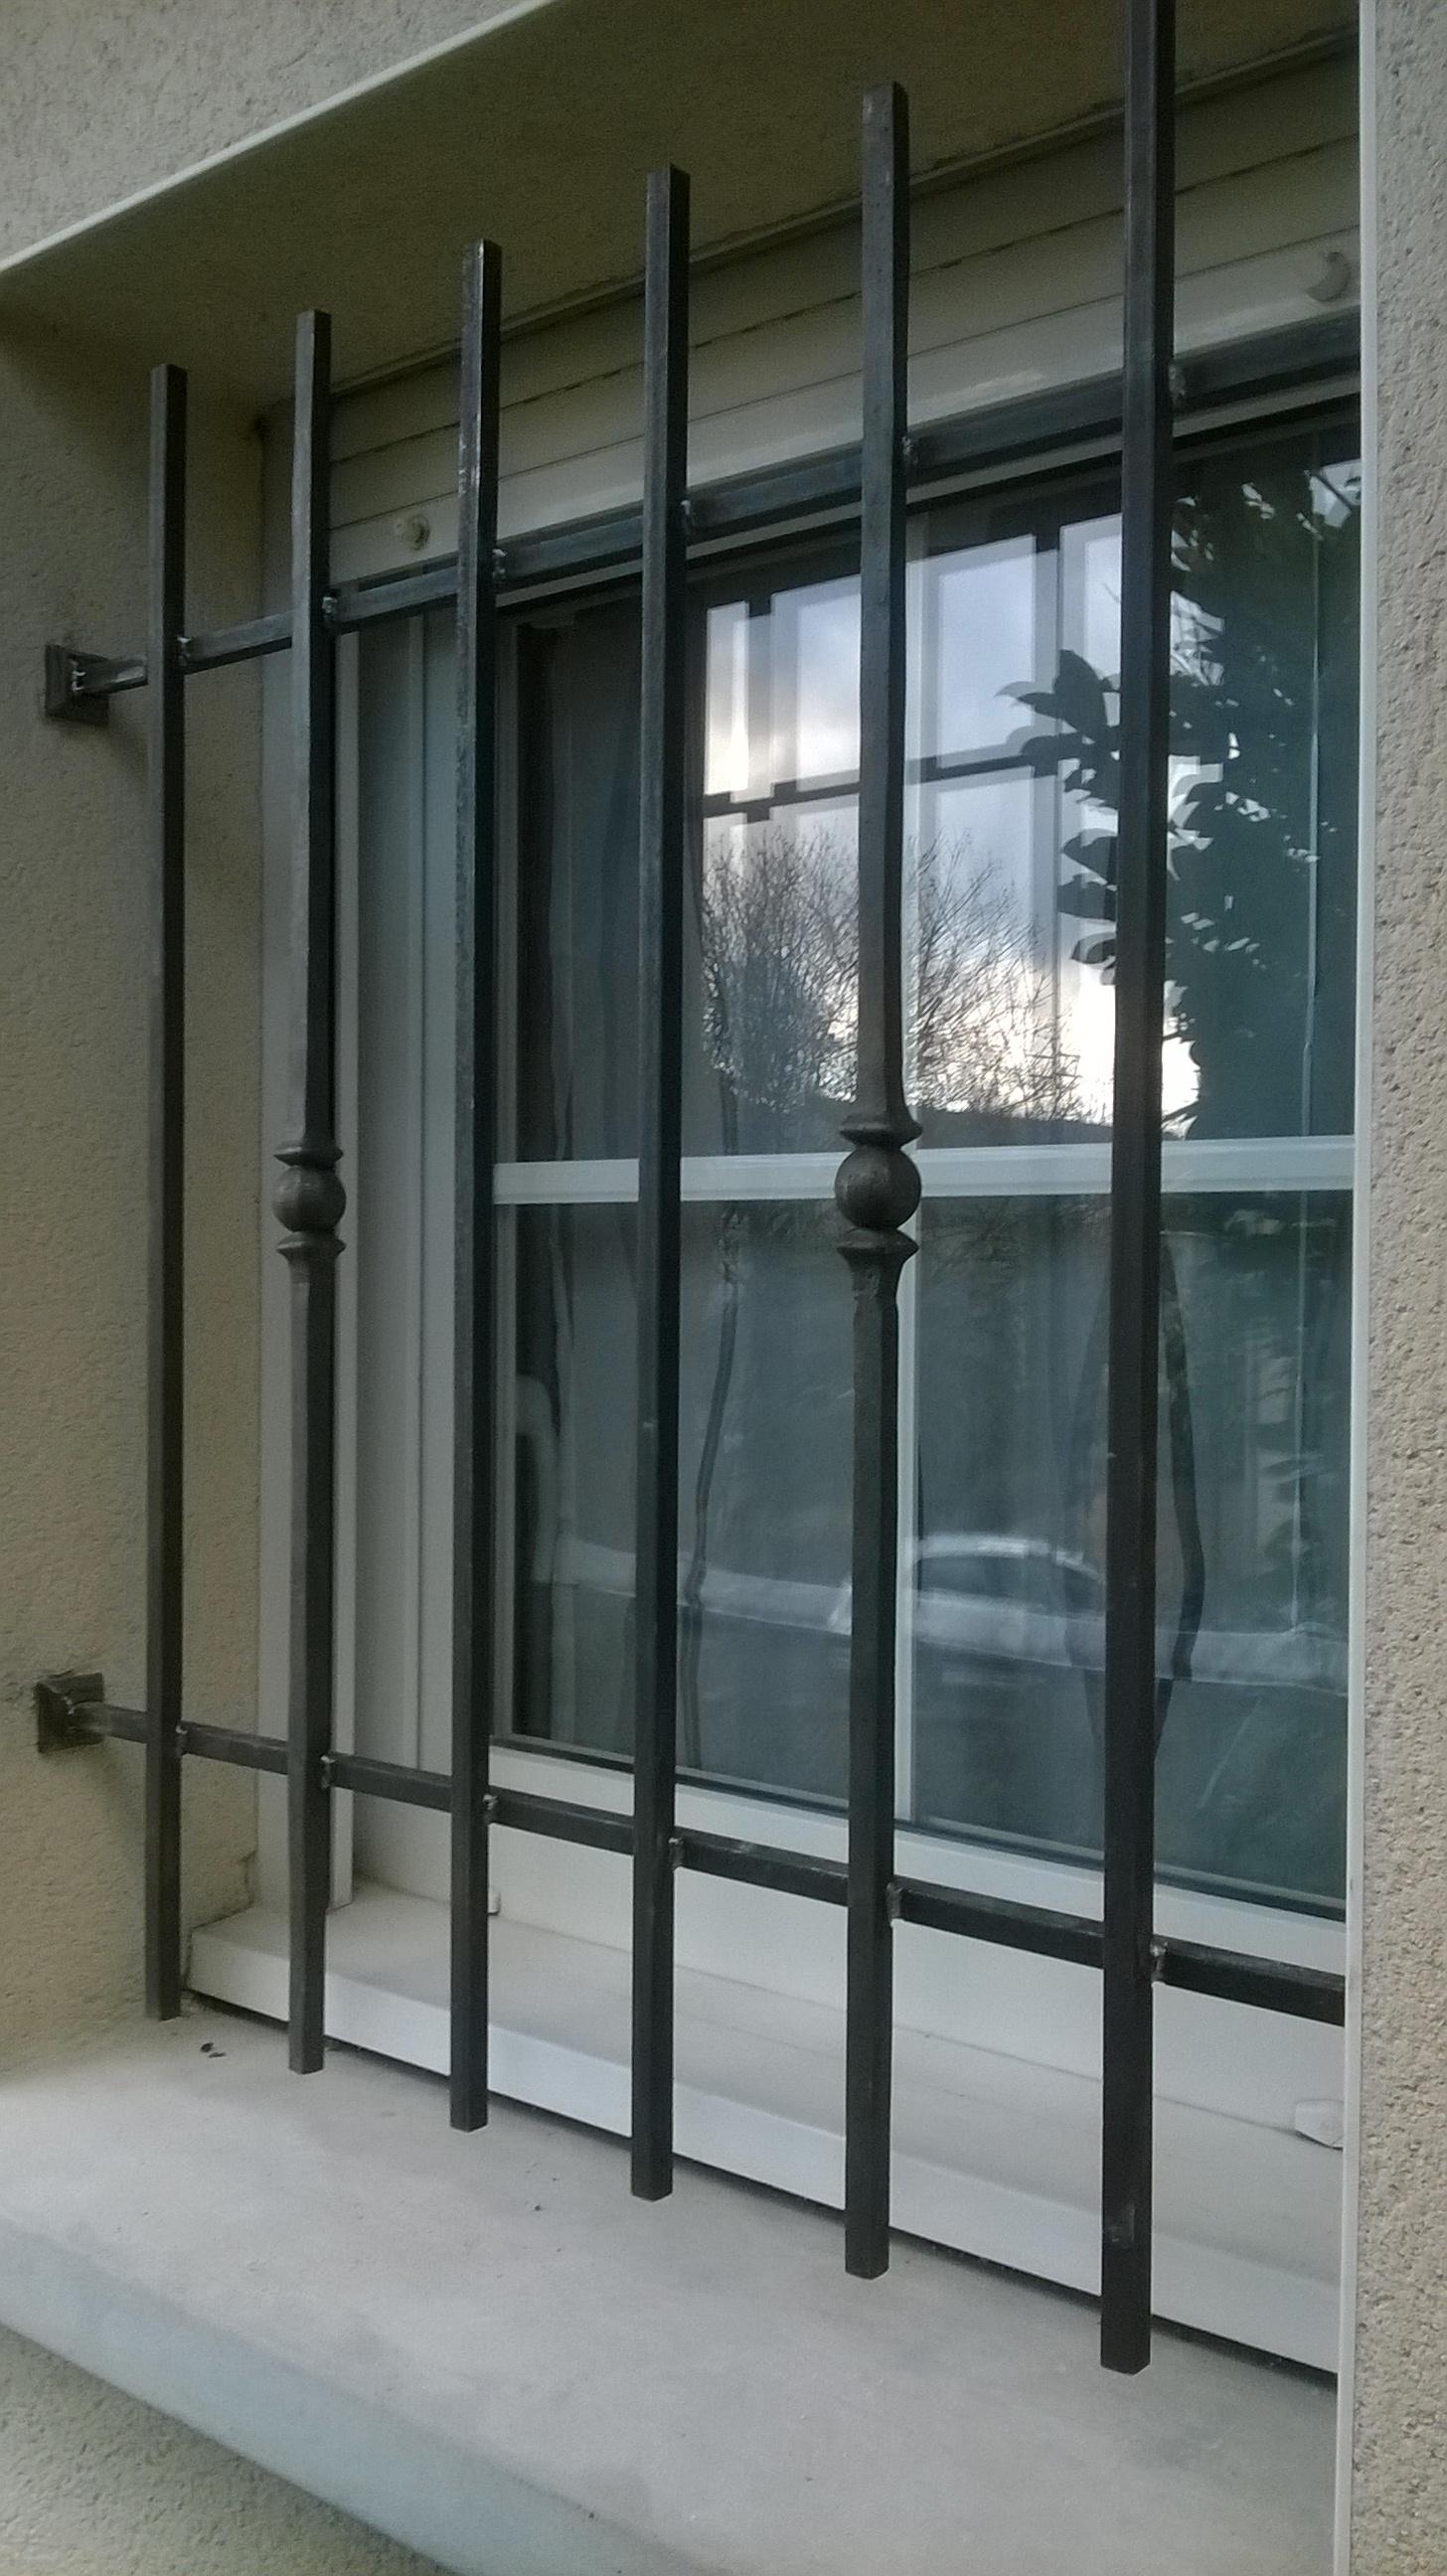 Conception et fabrication complète par notre client d'une grille fixe de protection fer forgé -  Réalisation à  partir de notre gamme de pièces détachées - Localisation Moselle